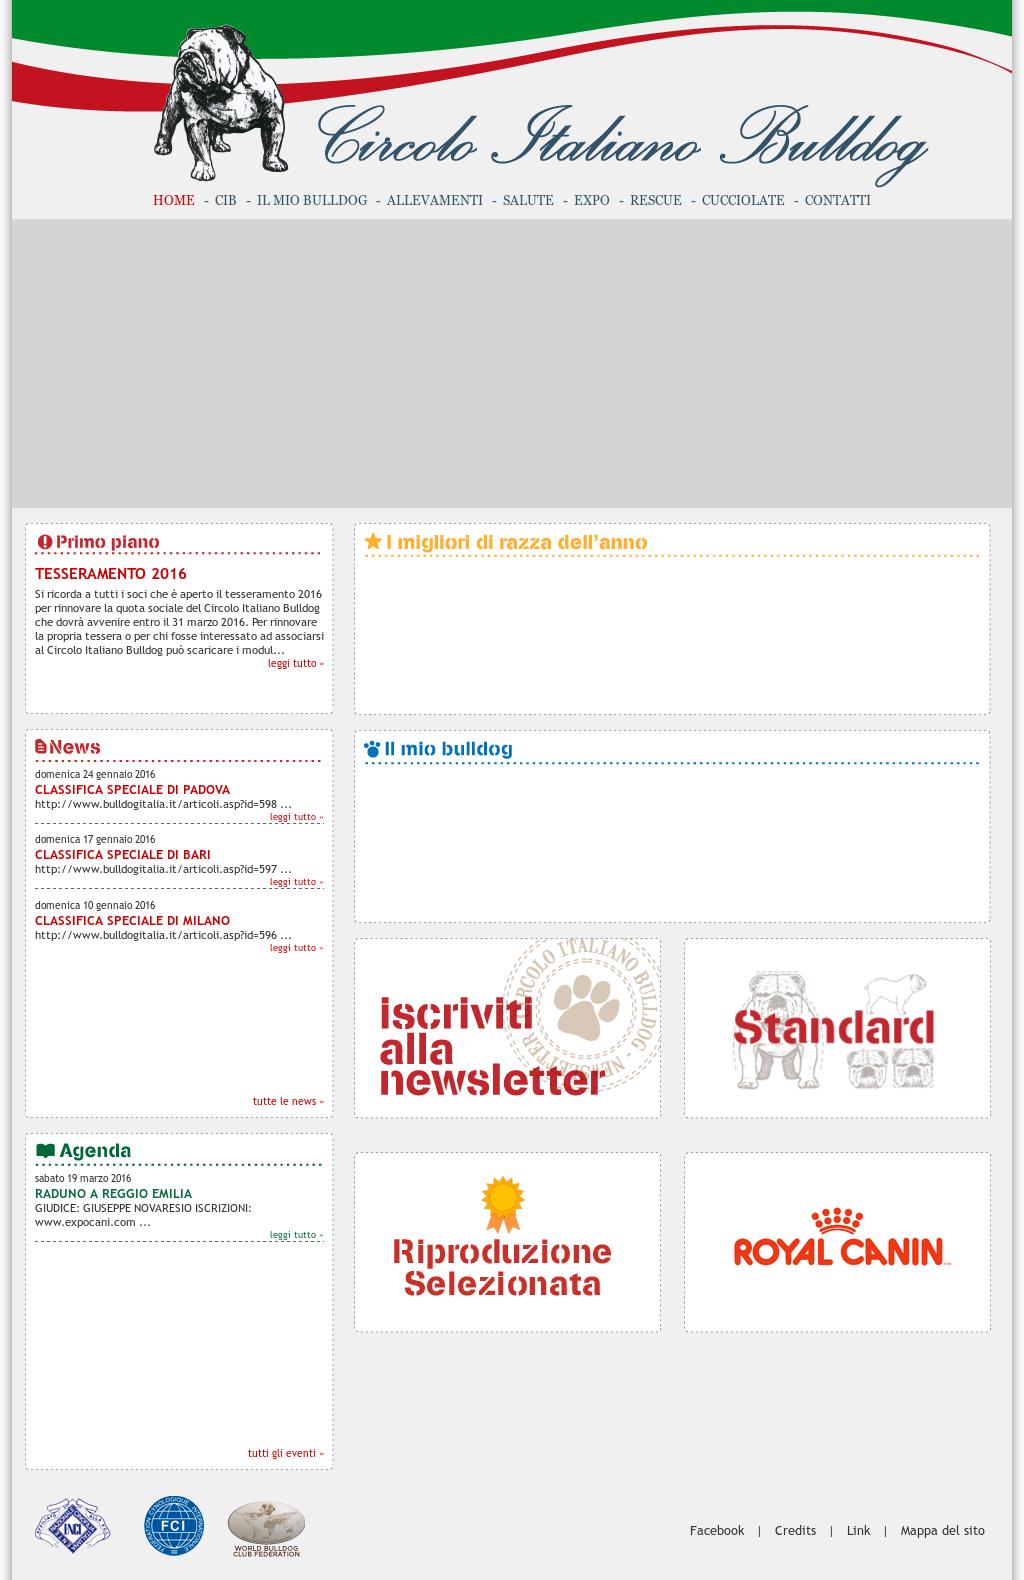 Expocani Calendario.Circolo Italiano Bulldog Competitors Revenue And Employees